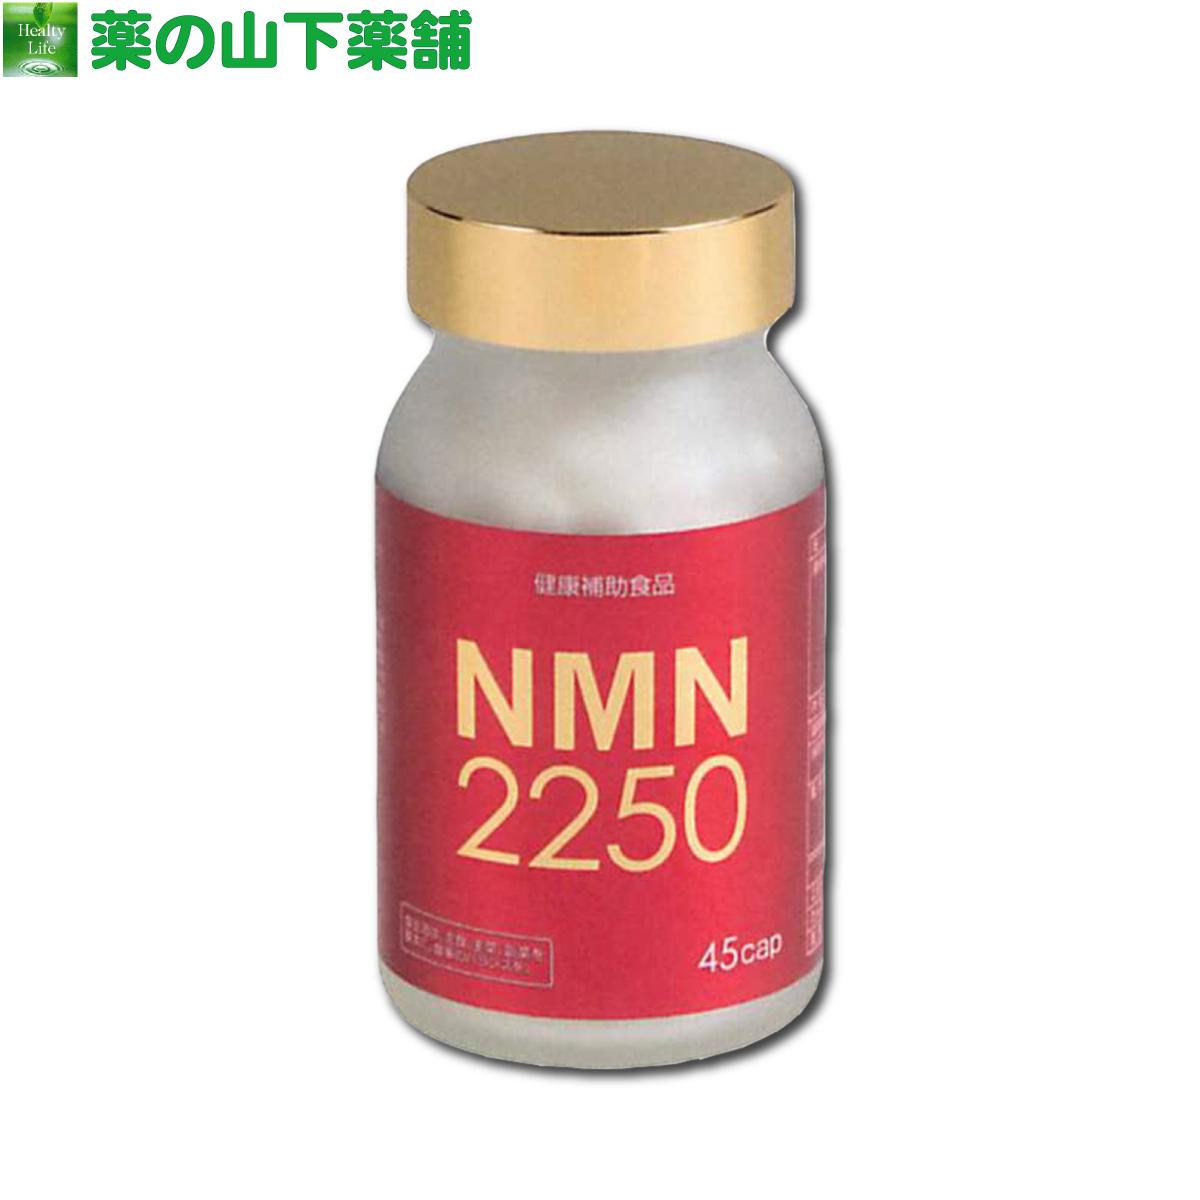 【送料無料】NMN2250 45カプセル ニコチンアミドモノヌクレオチド